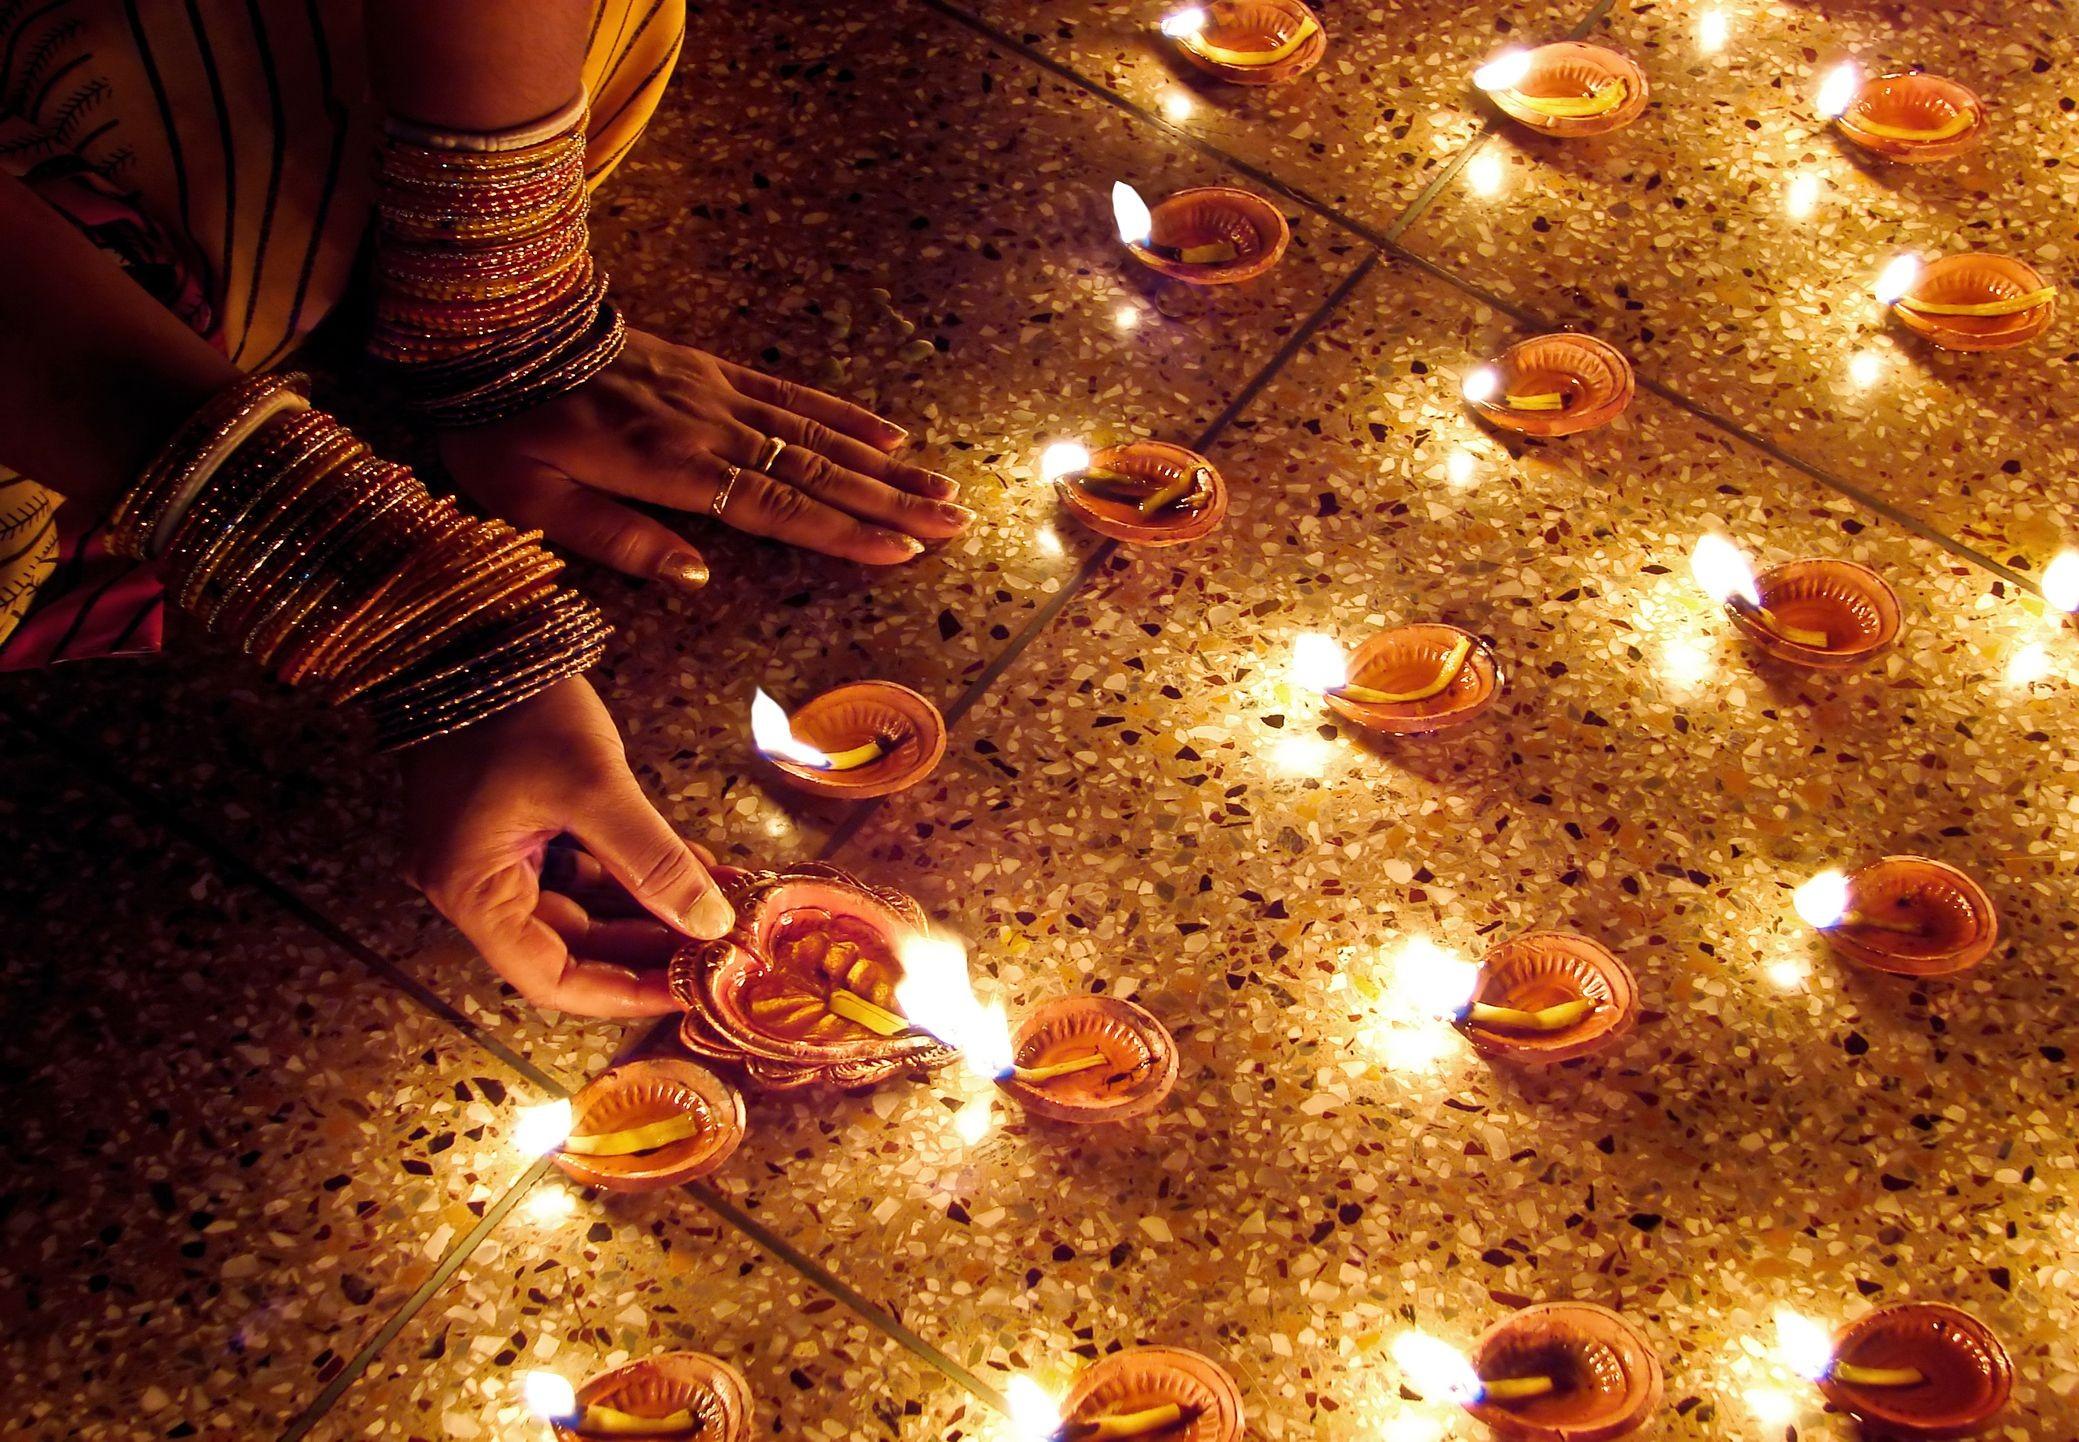 diwali celebrations 58ddb69b5f9b b96